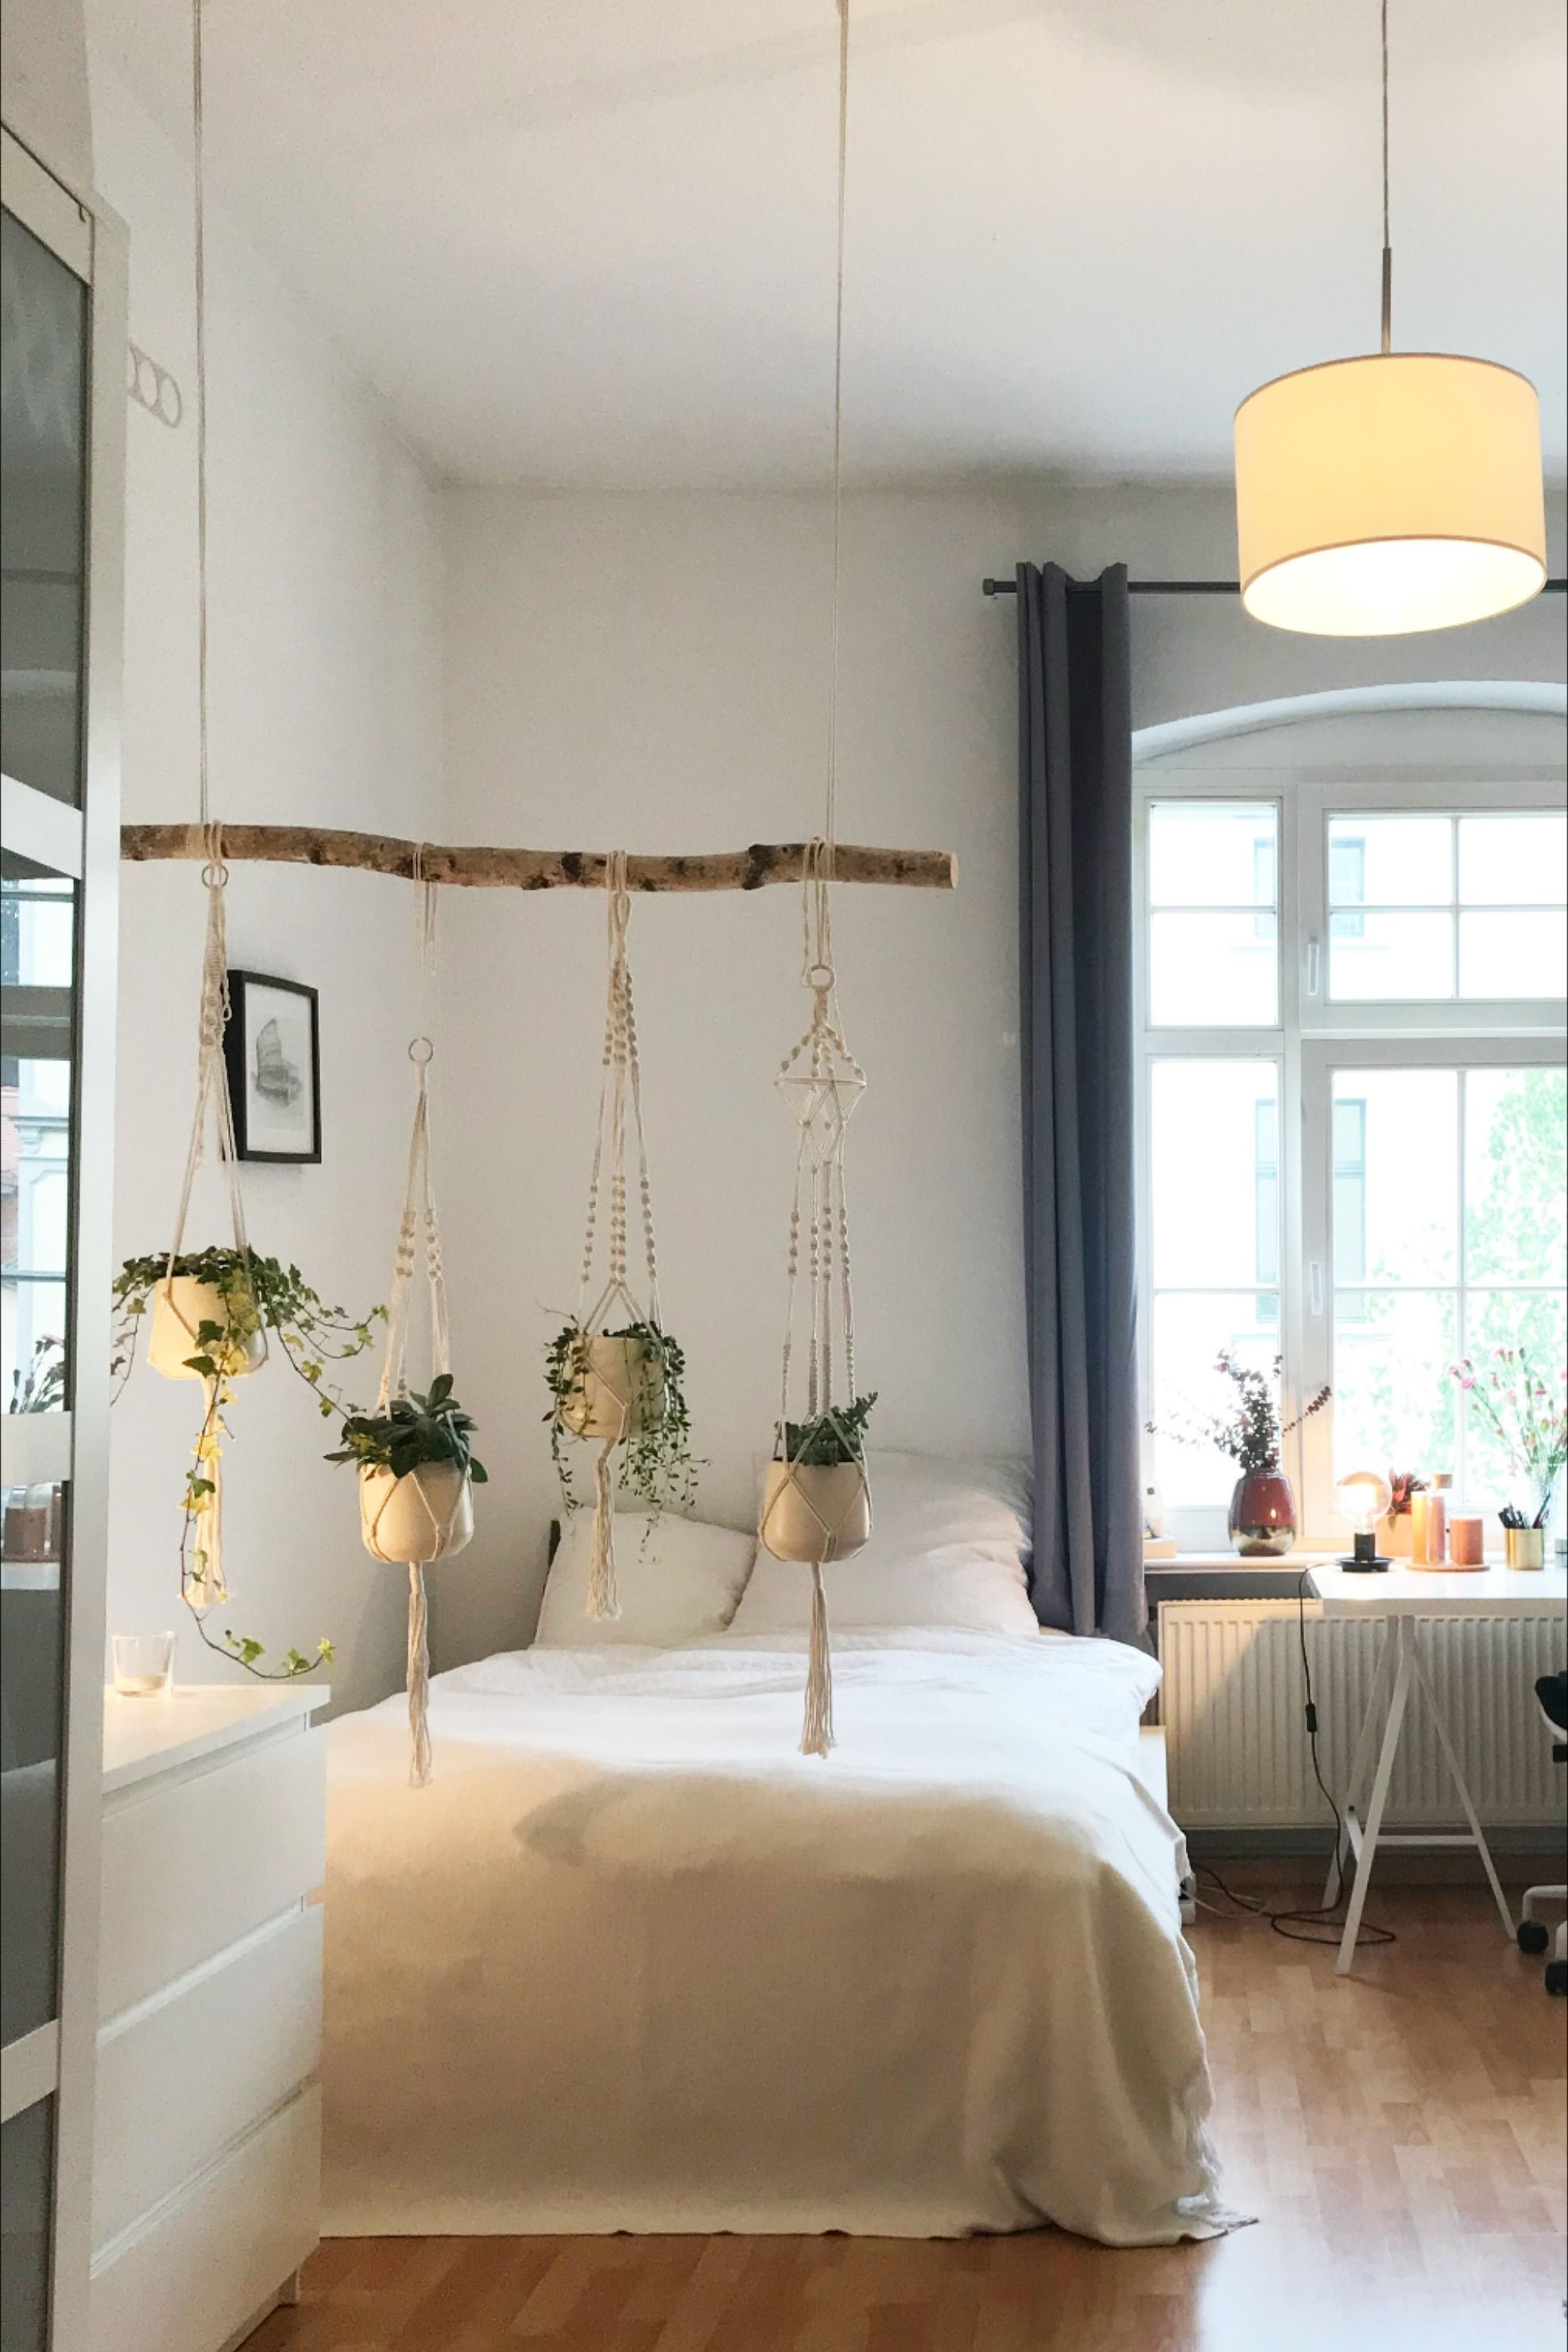 Wg Zimmer Mit Pflanzendekoration In 2020 Wg Zimmer Wohnen Wohnung